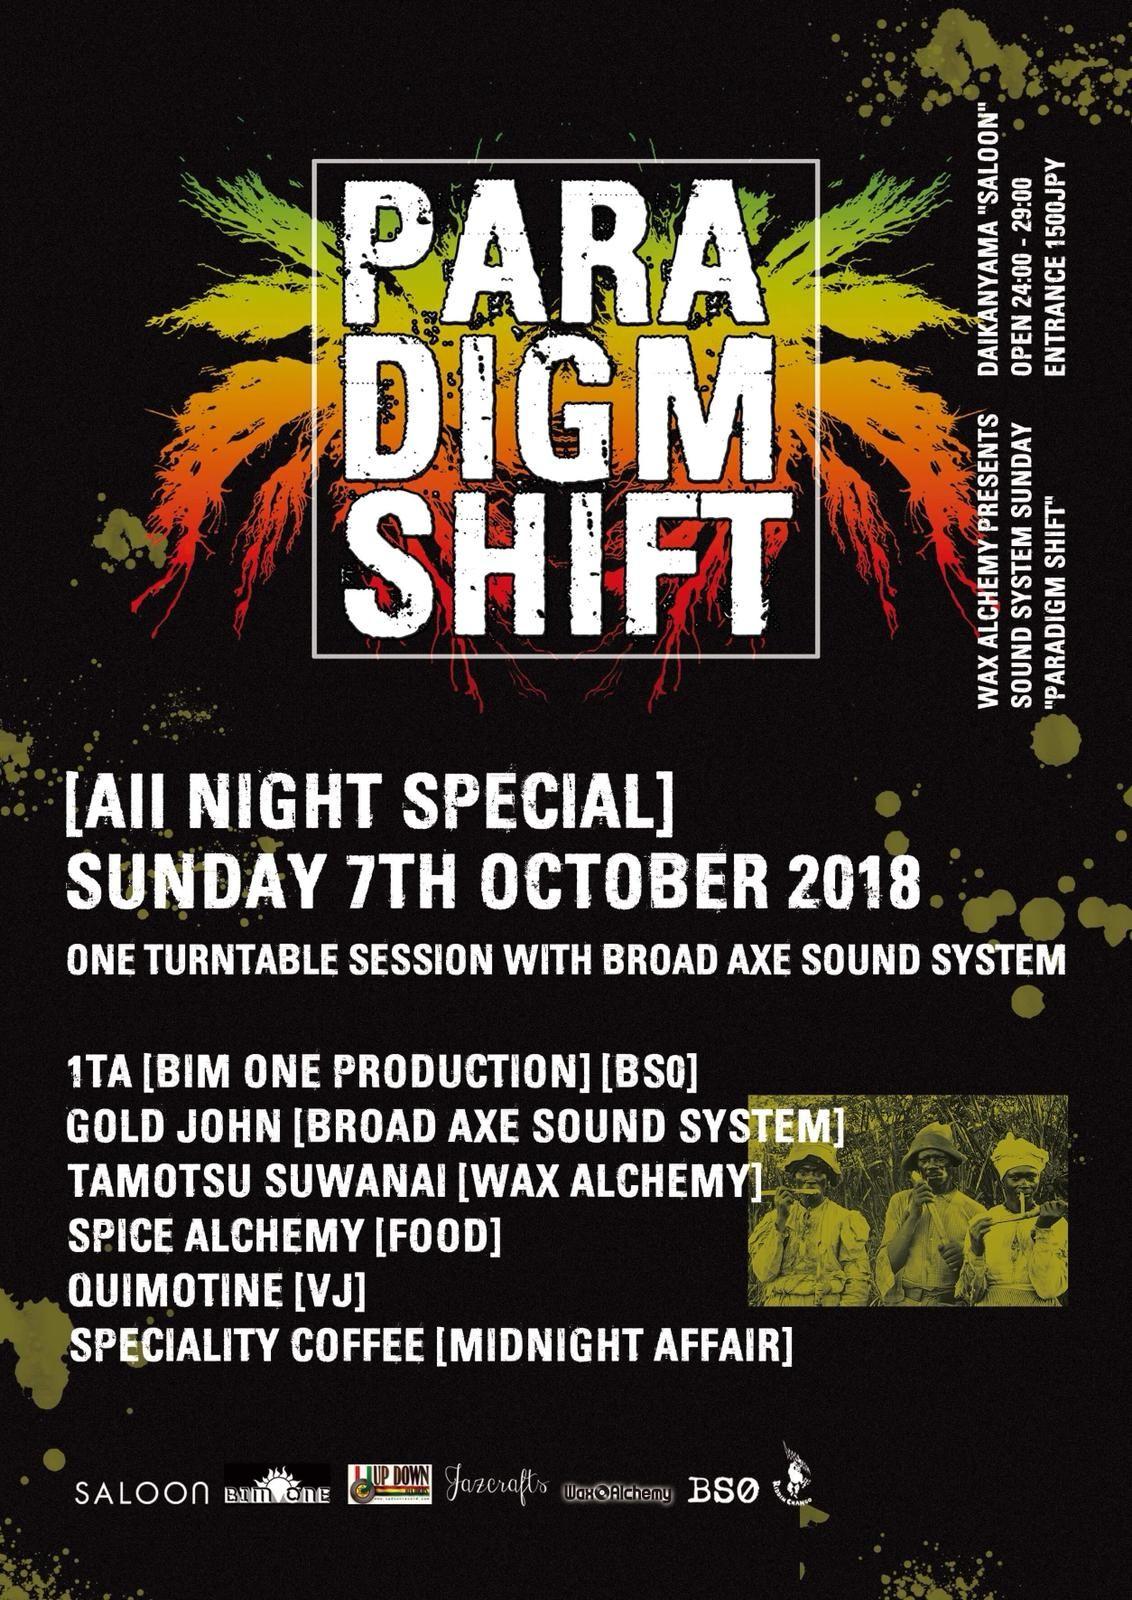 sunday dub session paradigm shift 2018 10 07 sun clubberia